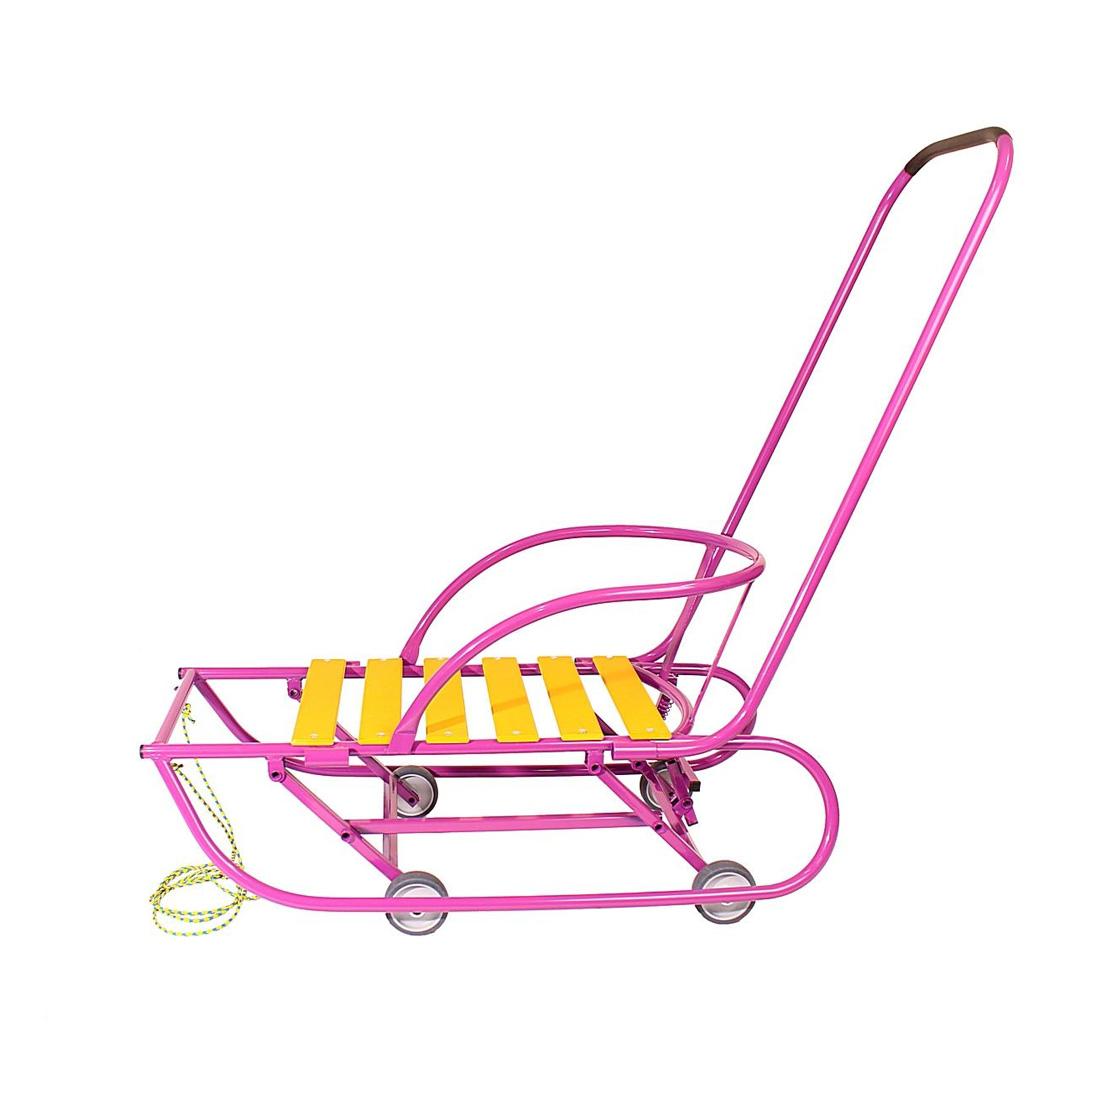 Санки детские Санимобиль Базовый с педальным механизмом Сиреневый